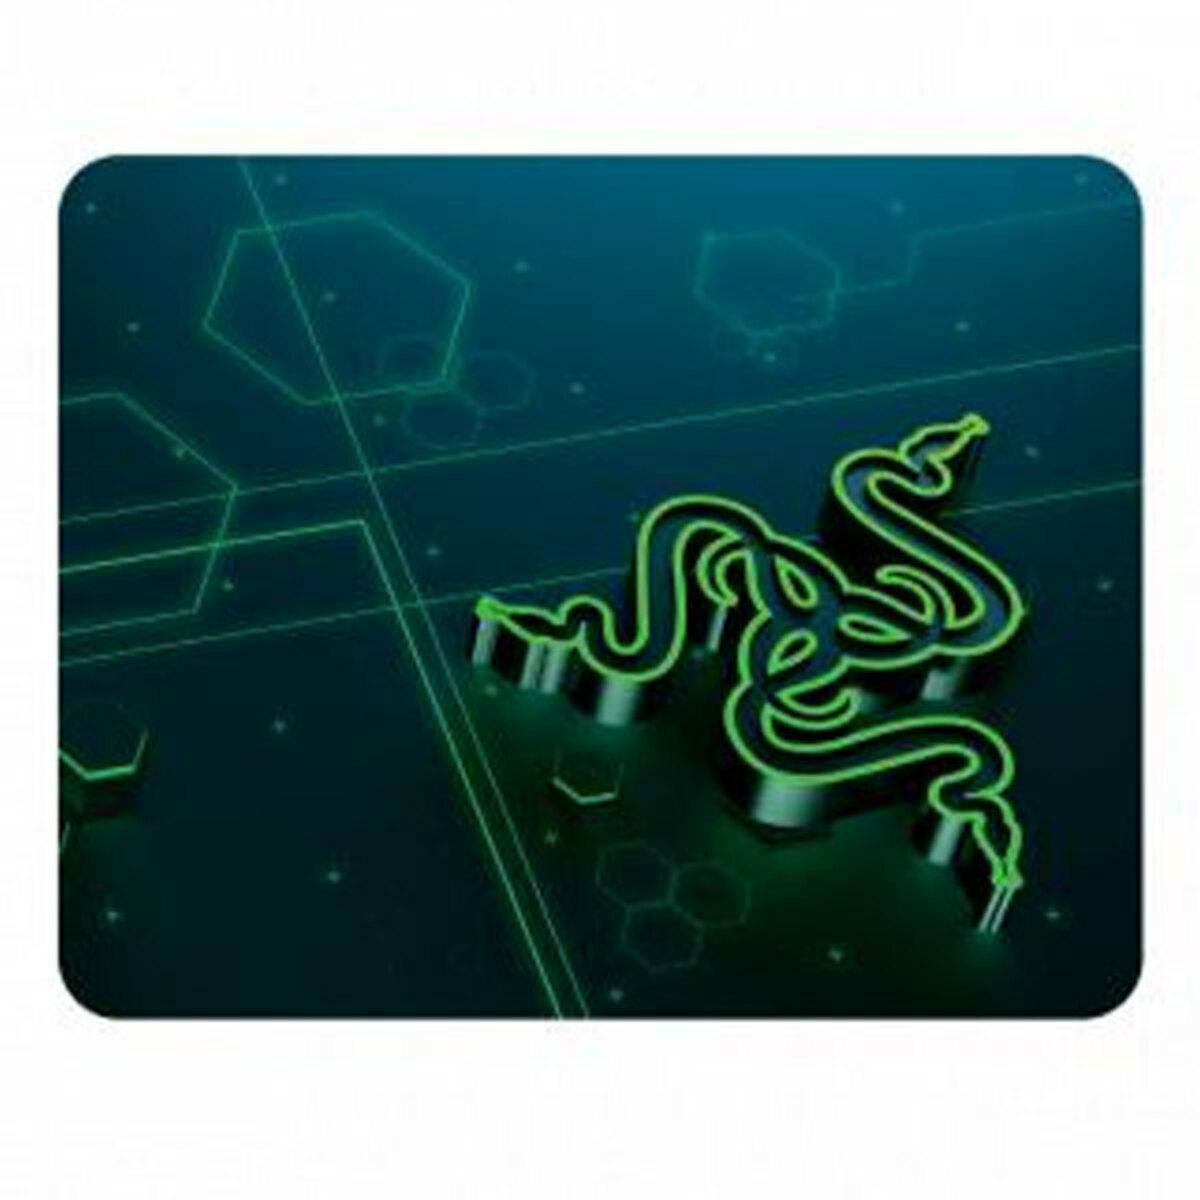 Bild 1 von RAZER Goliathus Mobile Mousepad (RZ02-01820200-R3M1)